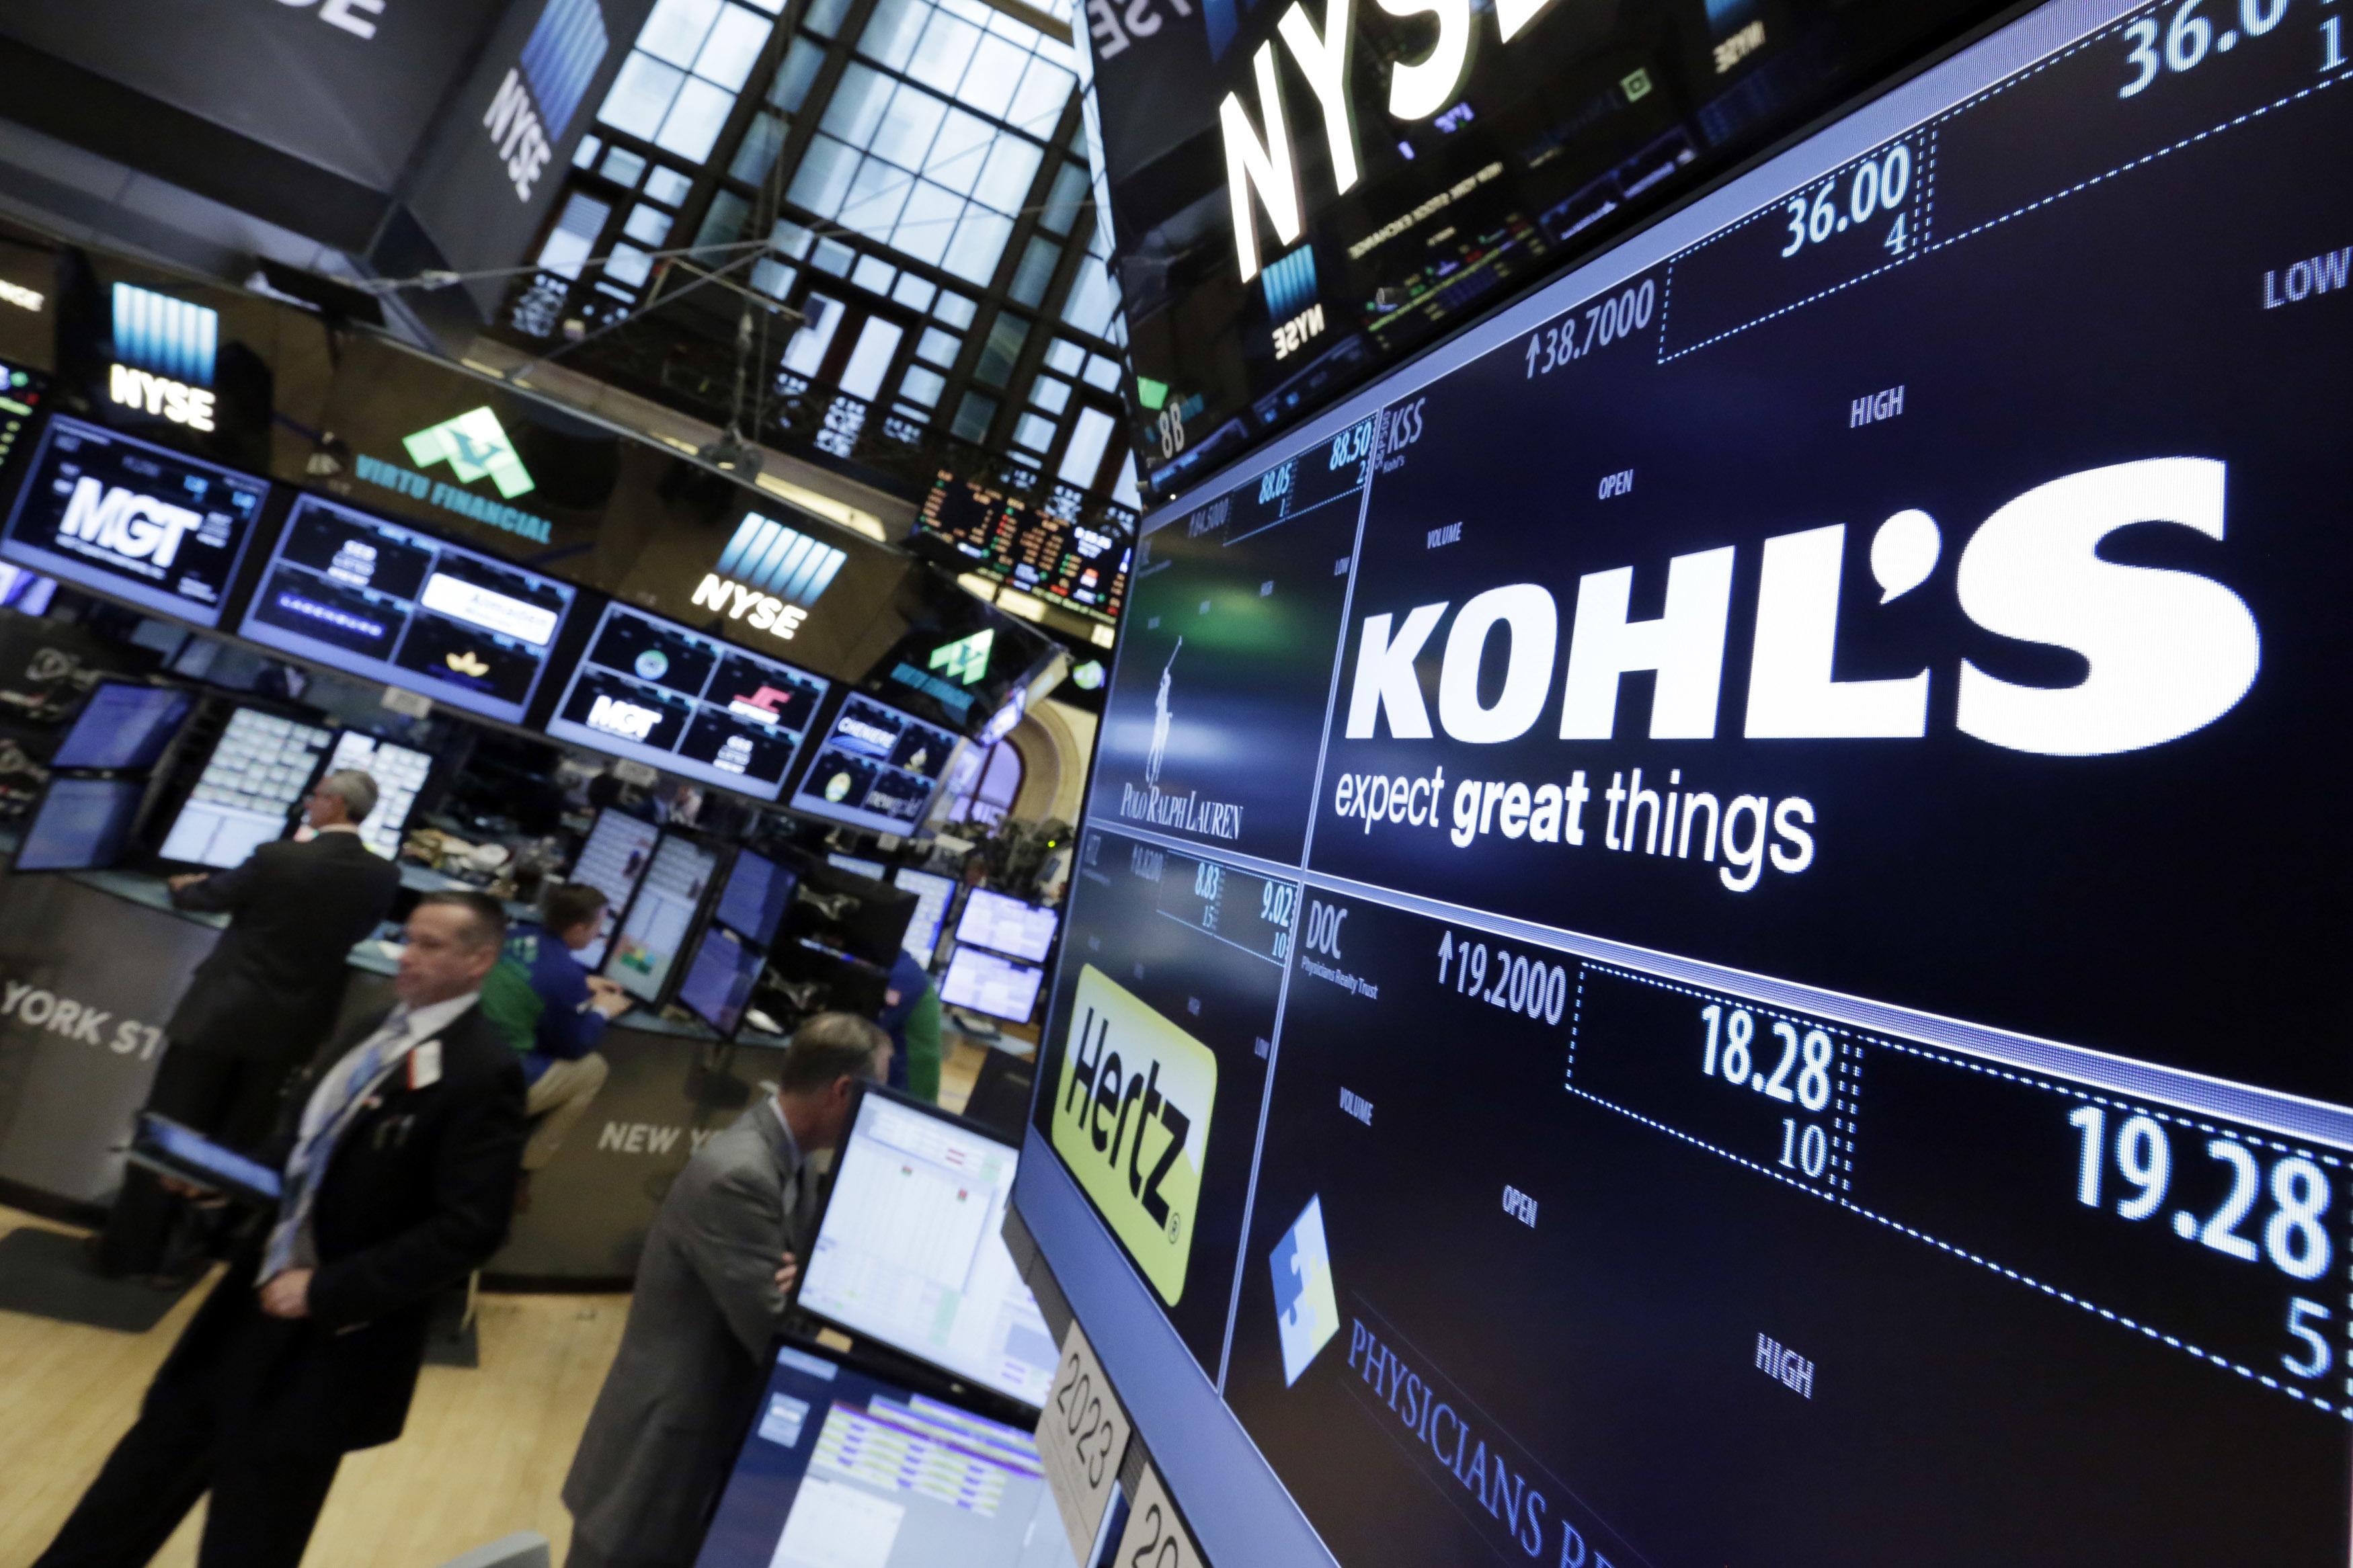 kohl's earnings kevin mansell